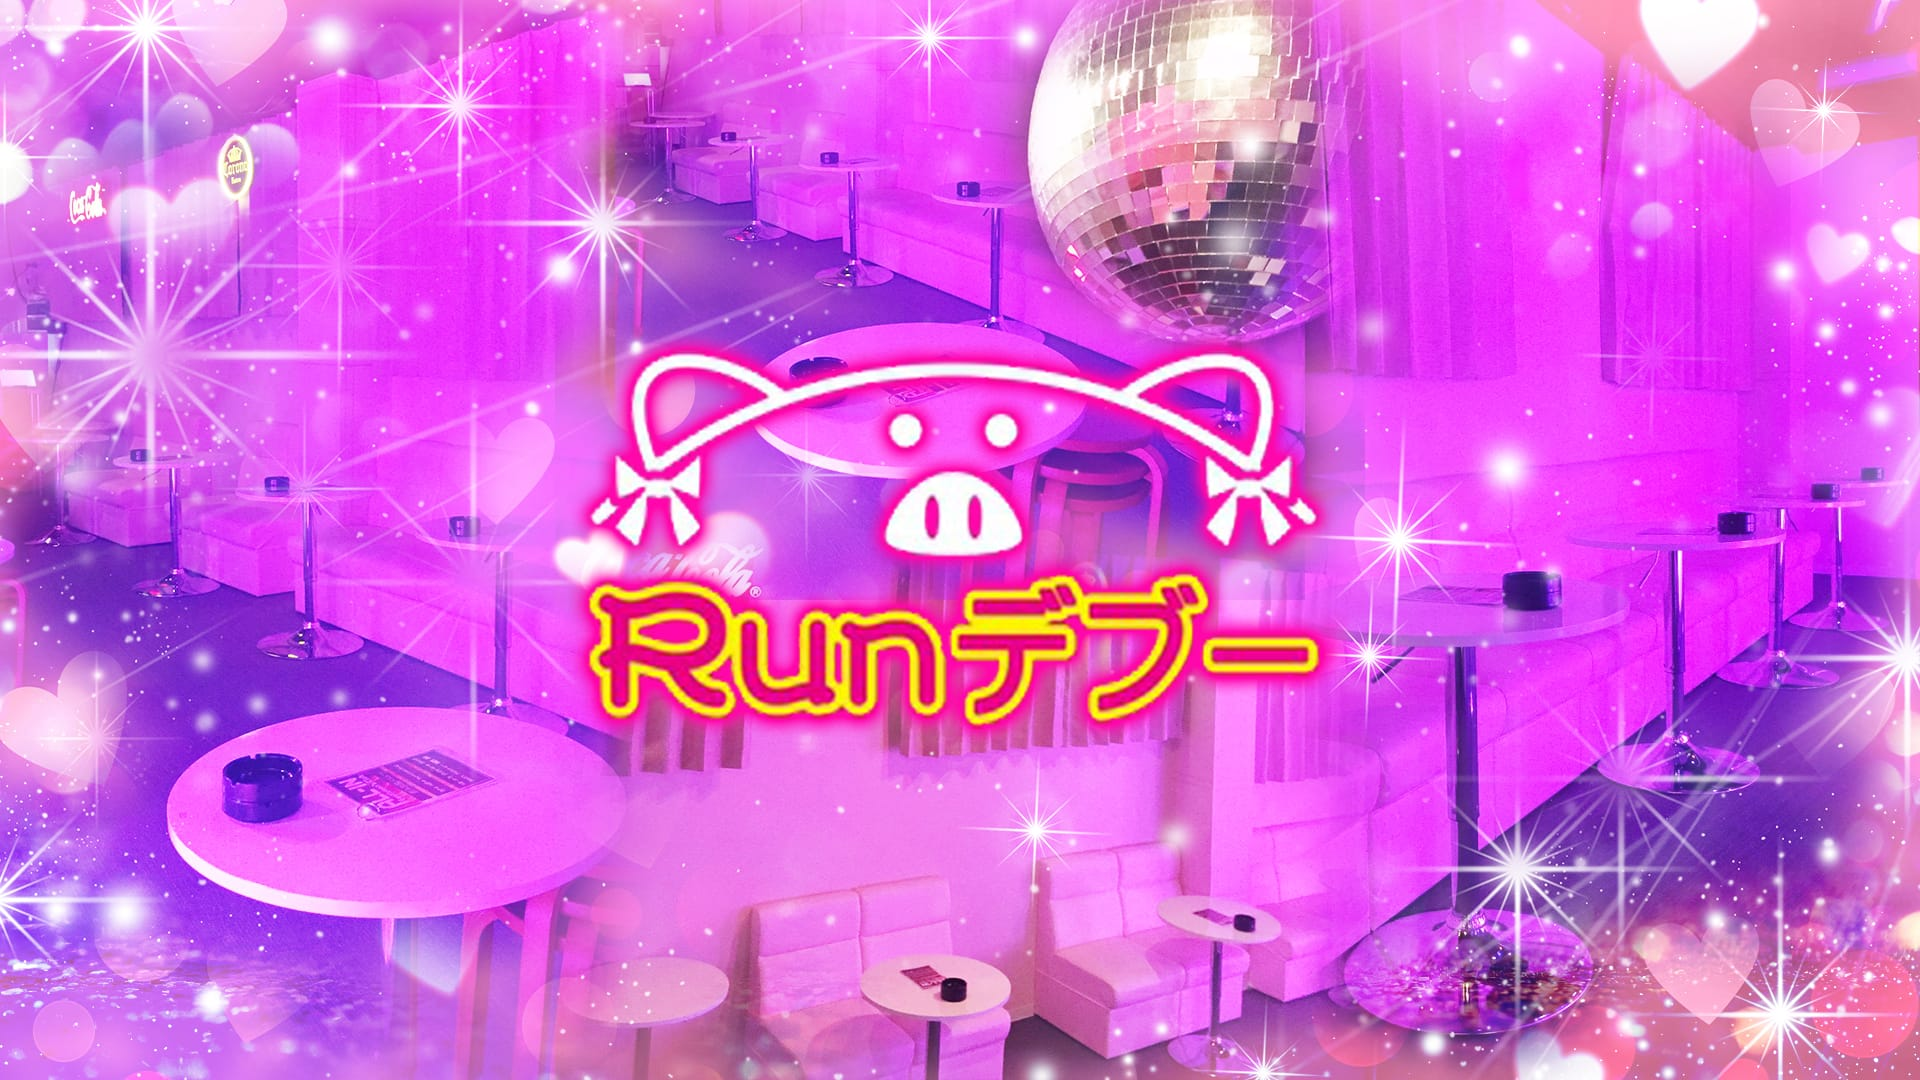 Runデブー 梅田ガールズバー TOP画像